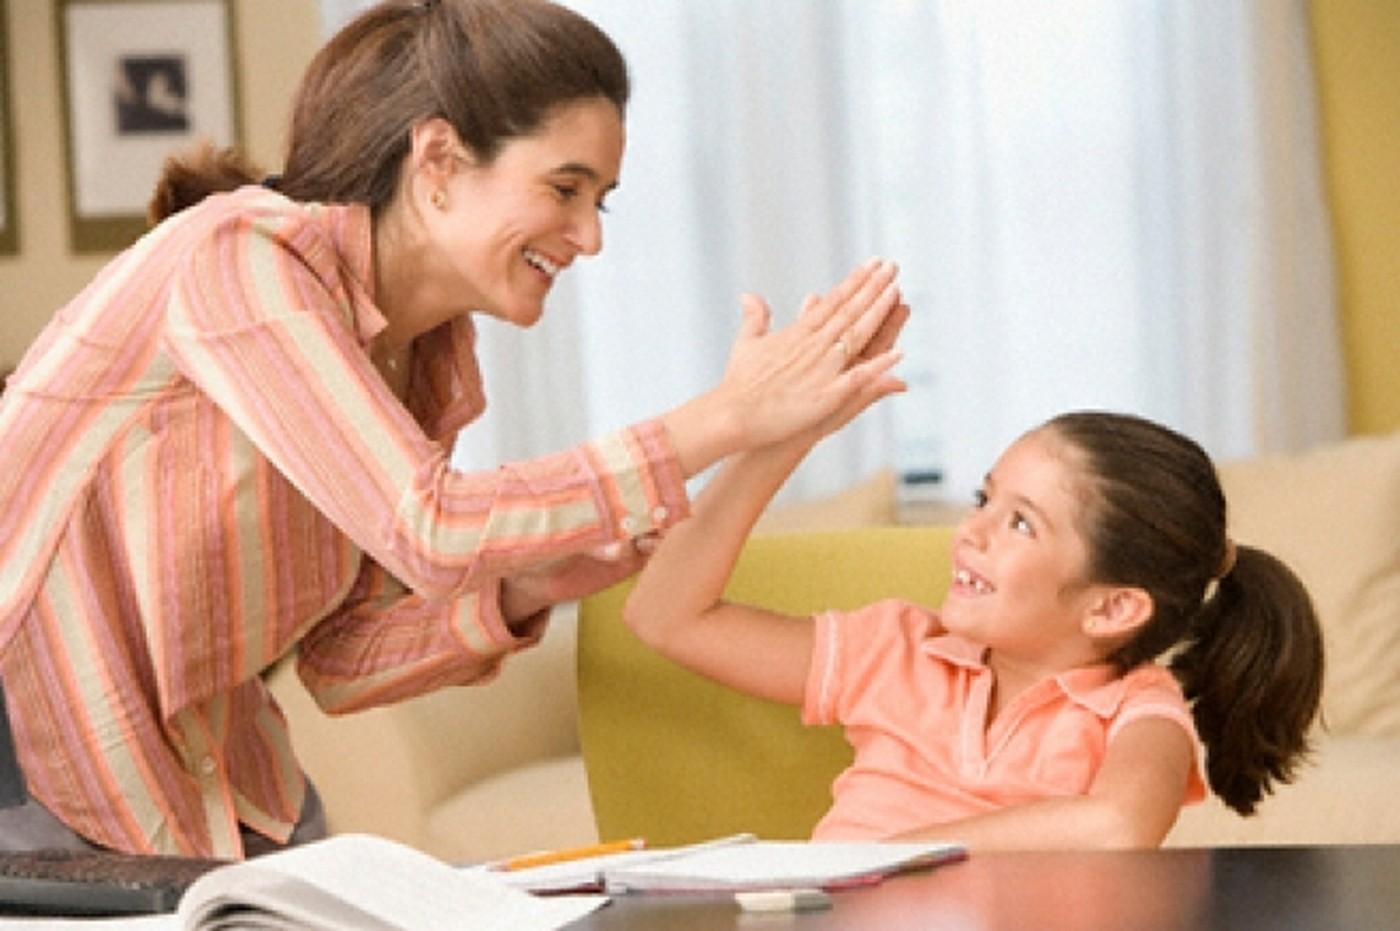 Эффективный способ понять своего ребенка